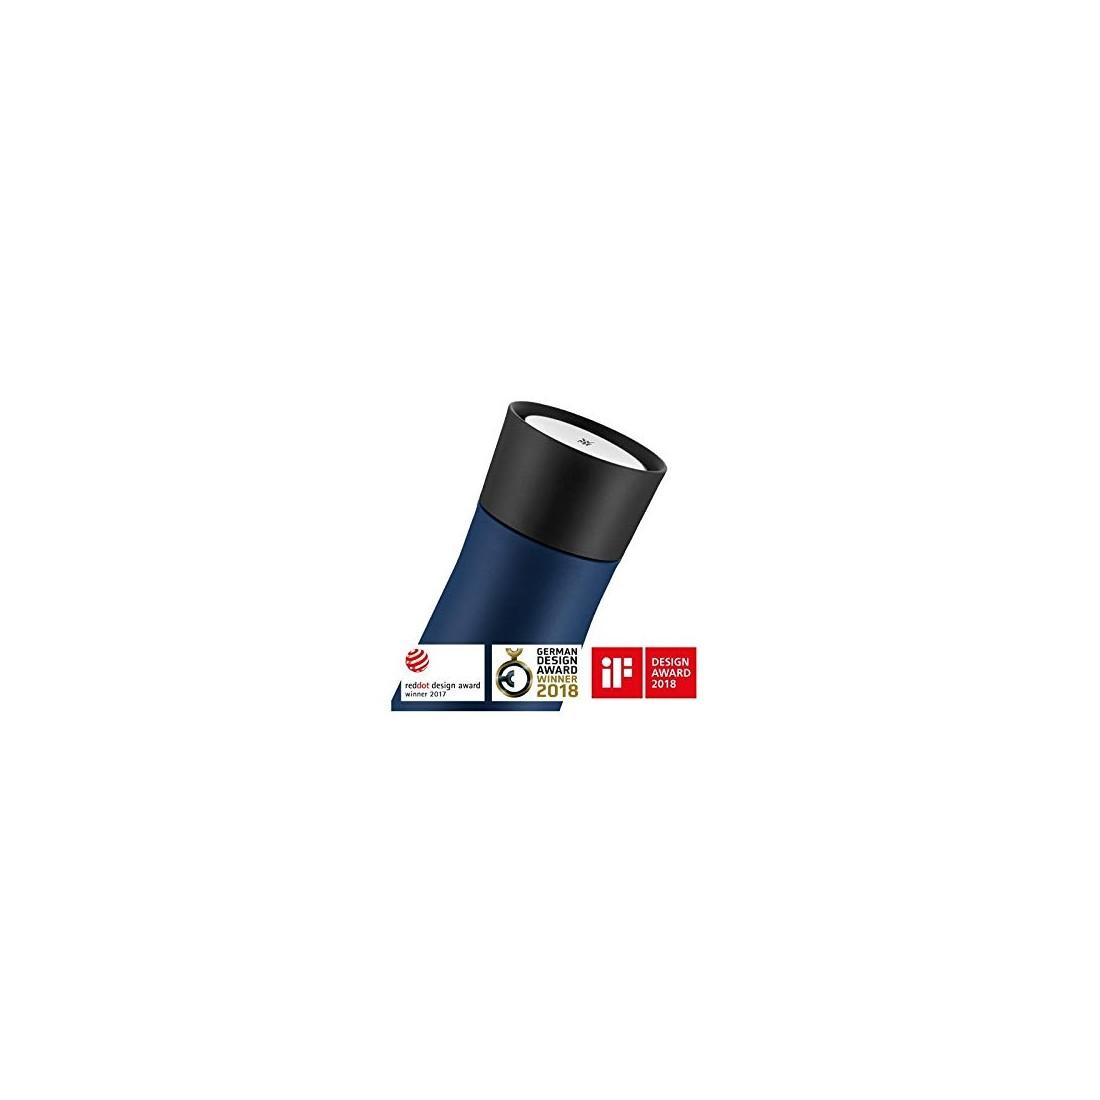 Bình giữ nhiệt WMF Impulse, dung tích 350 ml, xanh biển-Thế